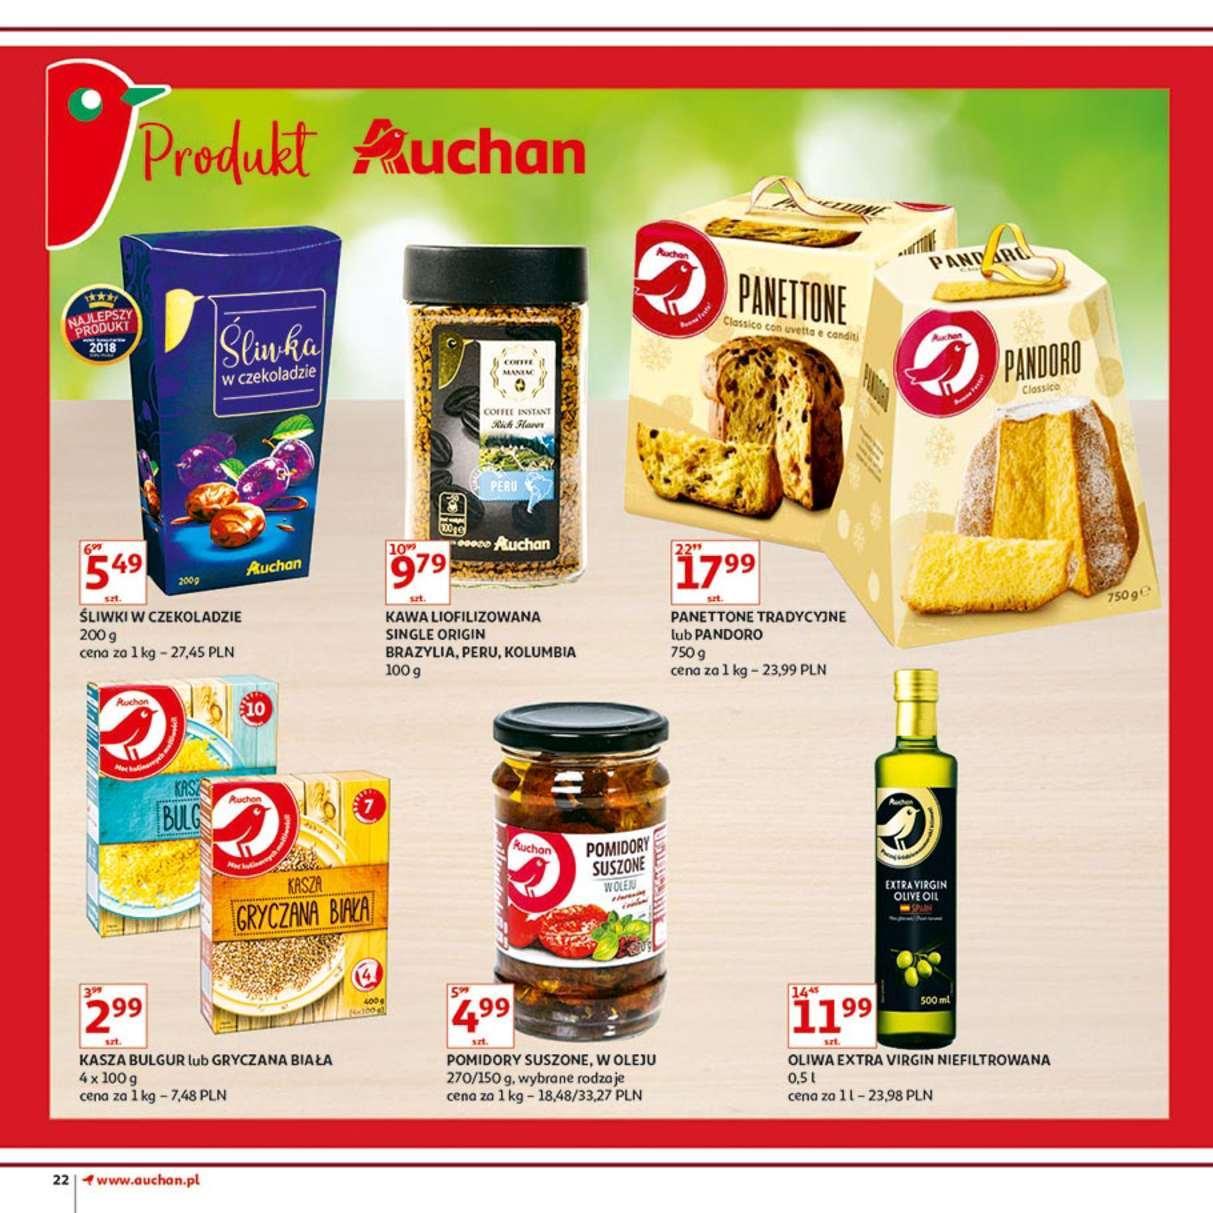 Gazetka promocyjna Auchan do 12/12/2018 str.22